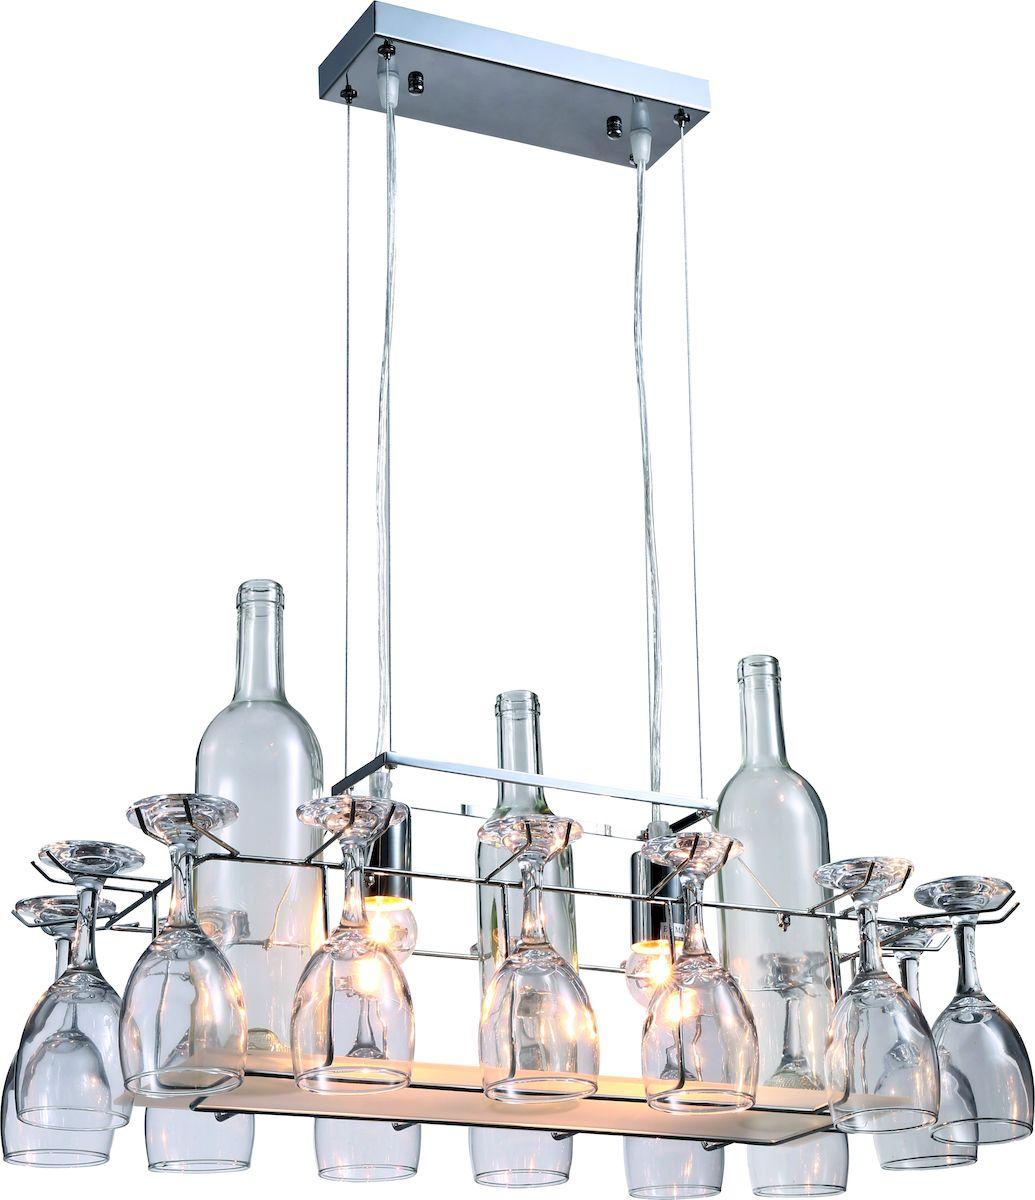 Светильник подвесной Arte Lamp Bancone A7043SP-2CCA7043SP-2CCСветильник Arte Lamp Bancone поможет создать в вашем доме атмосферу уюта и комфорта. Благодаря высококачественным материалам он практичен в использовании и отлично работает на протяжении долгого периода времени.